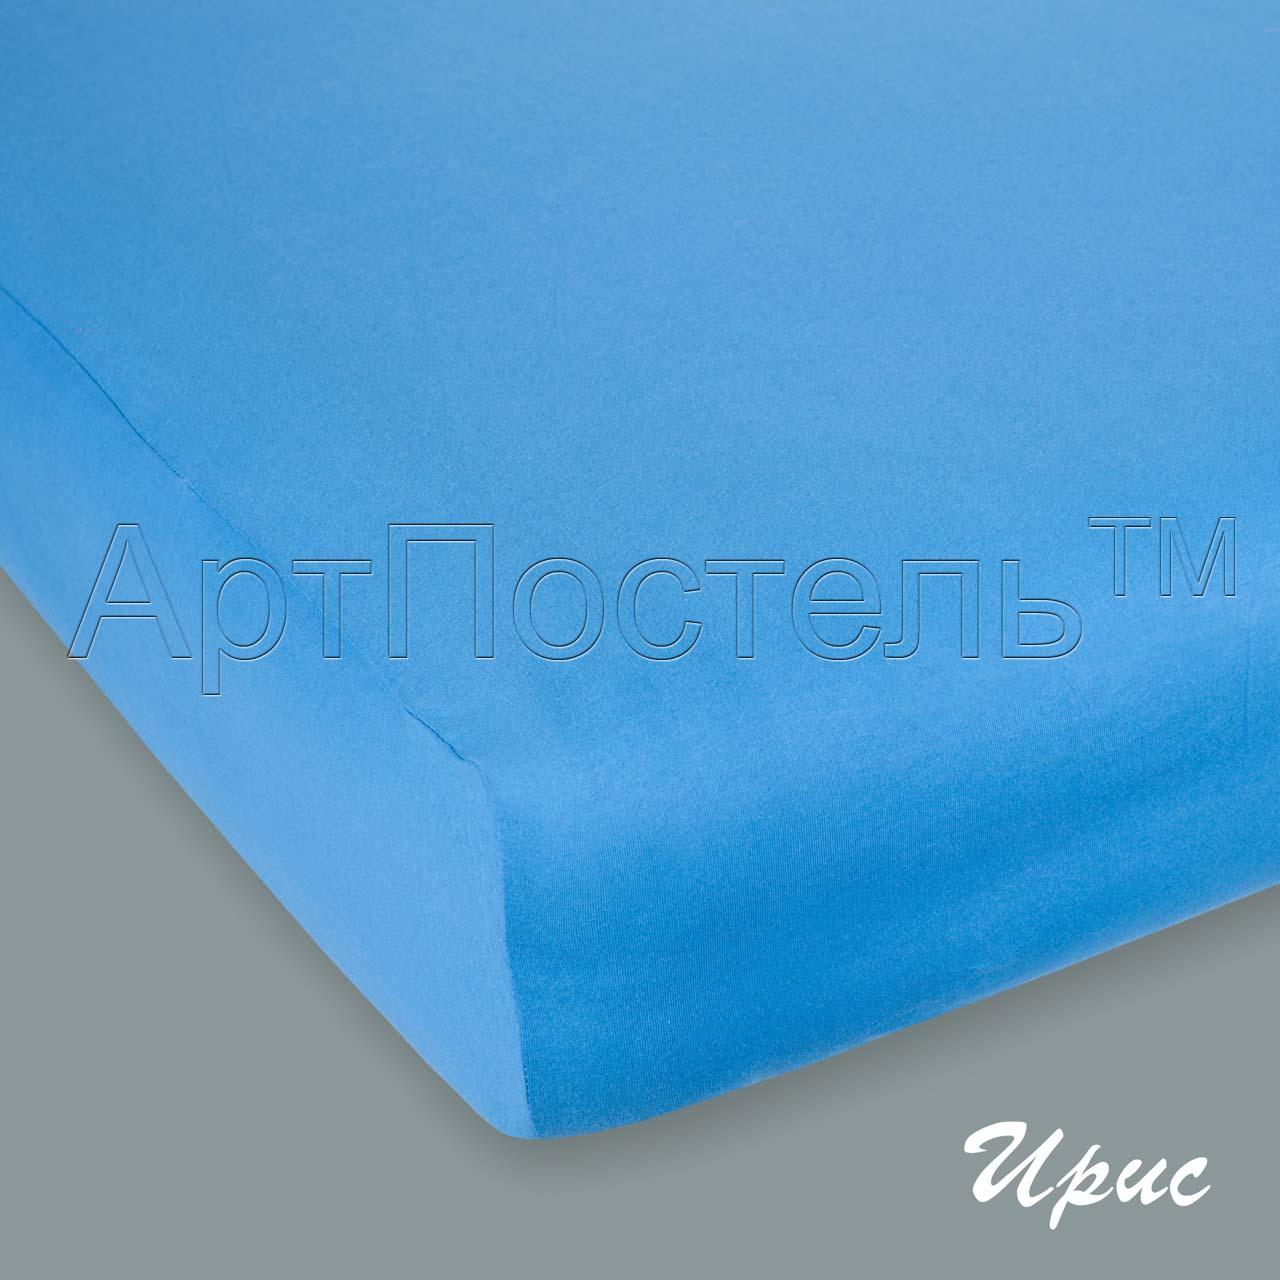 Простыня на резинке Ирис, размер 200х200 смПростыни<br>Плотность ткани: 145 г/кв. м <br>Высота матраса: 20 см<br><br>Тип: Простыня<br>Размер: 200х200<br>Материал: Кулирка